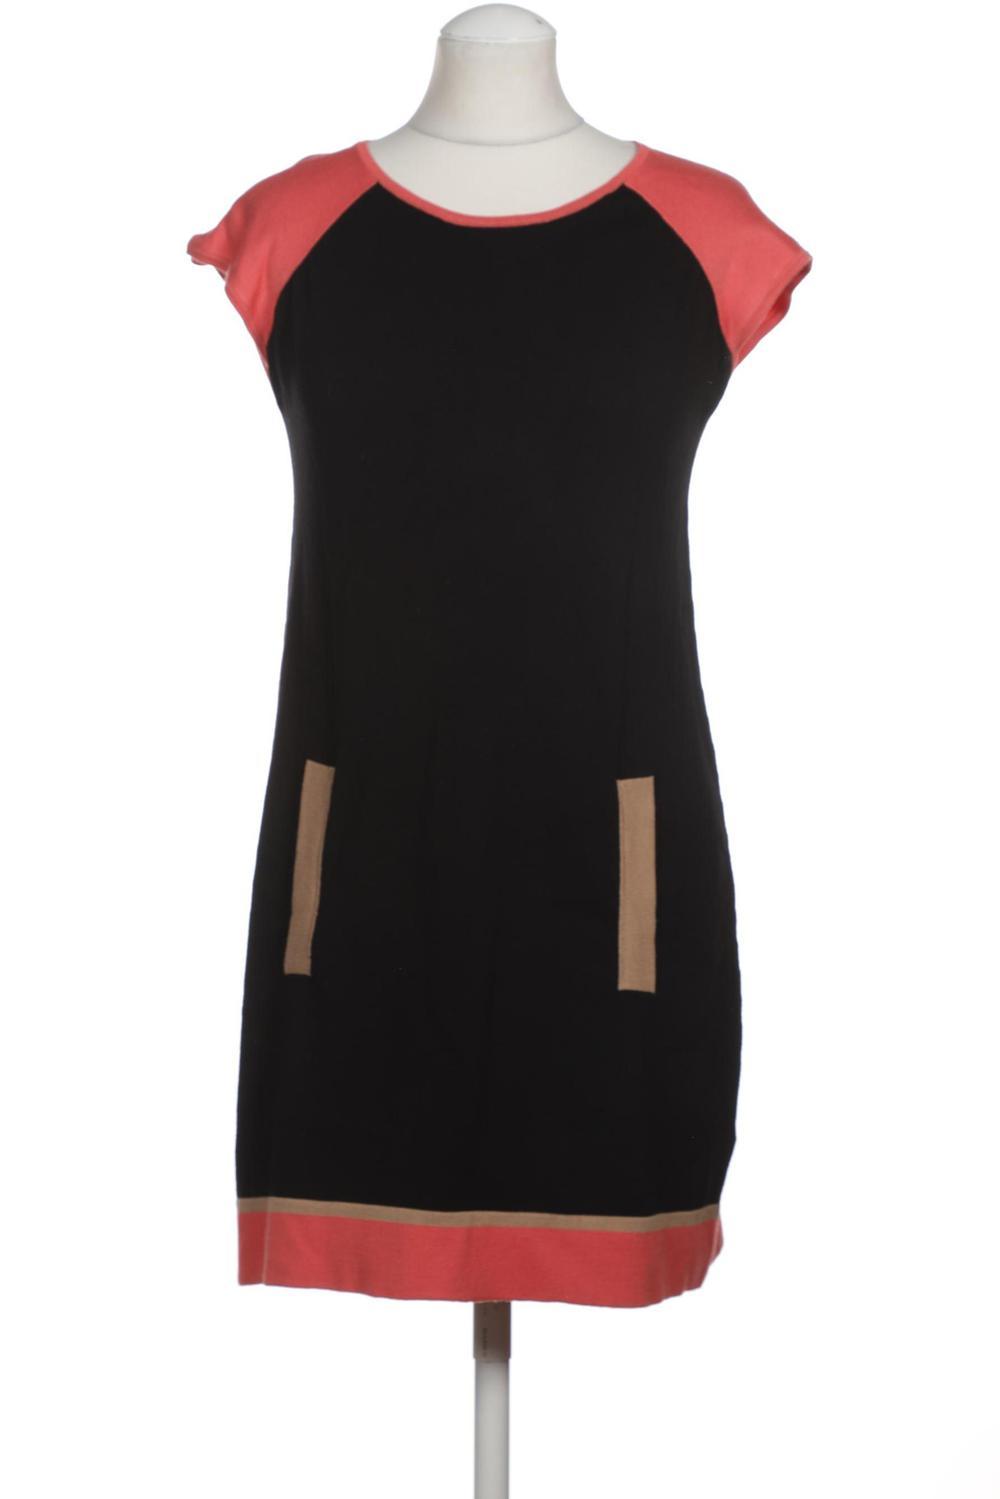 details zu betty barclay kleid damen dress damenkleid gr. s kein etikett  schwarz #229b7fa